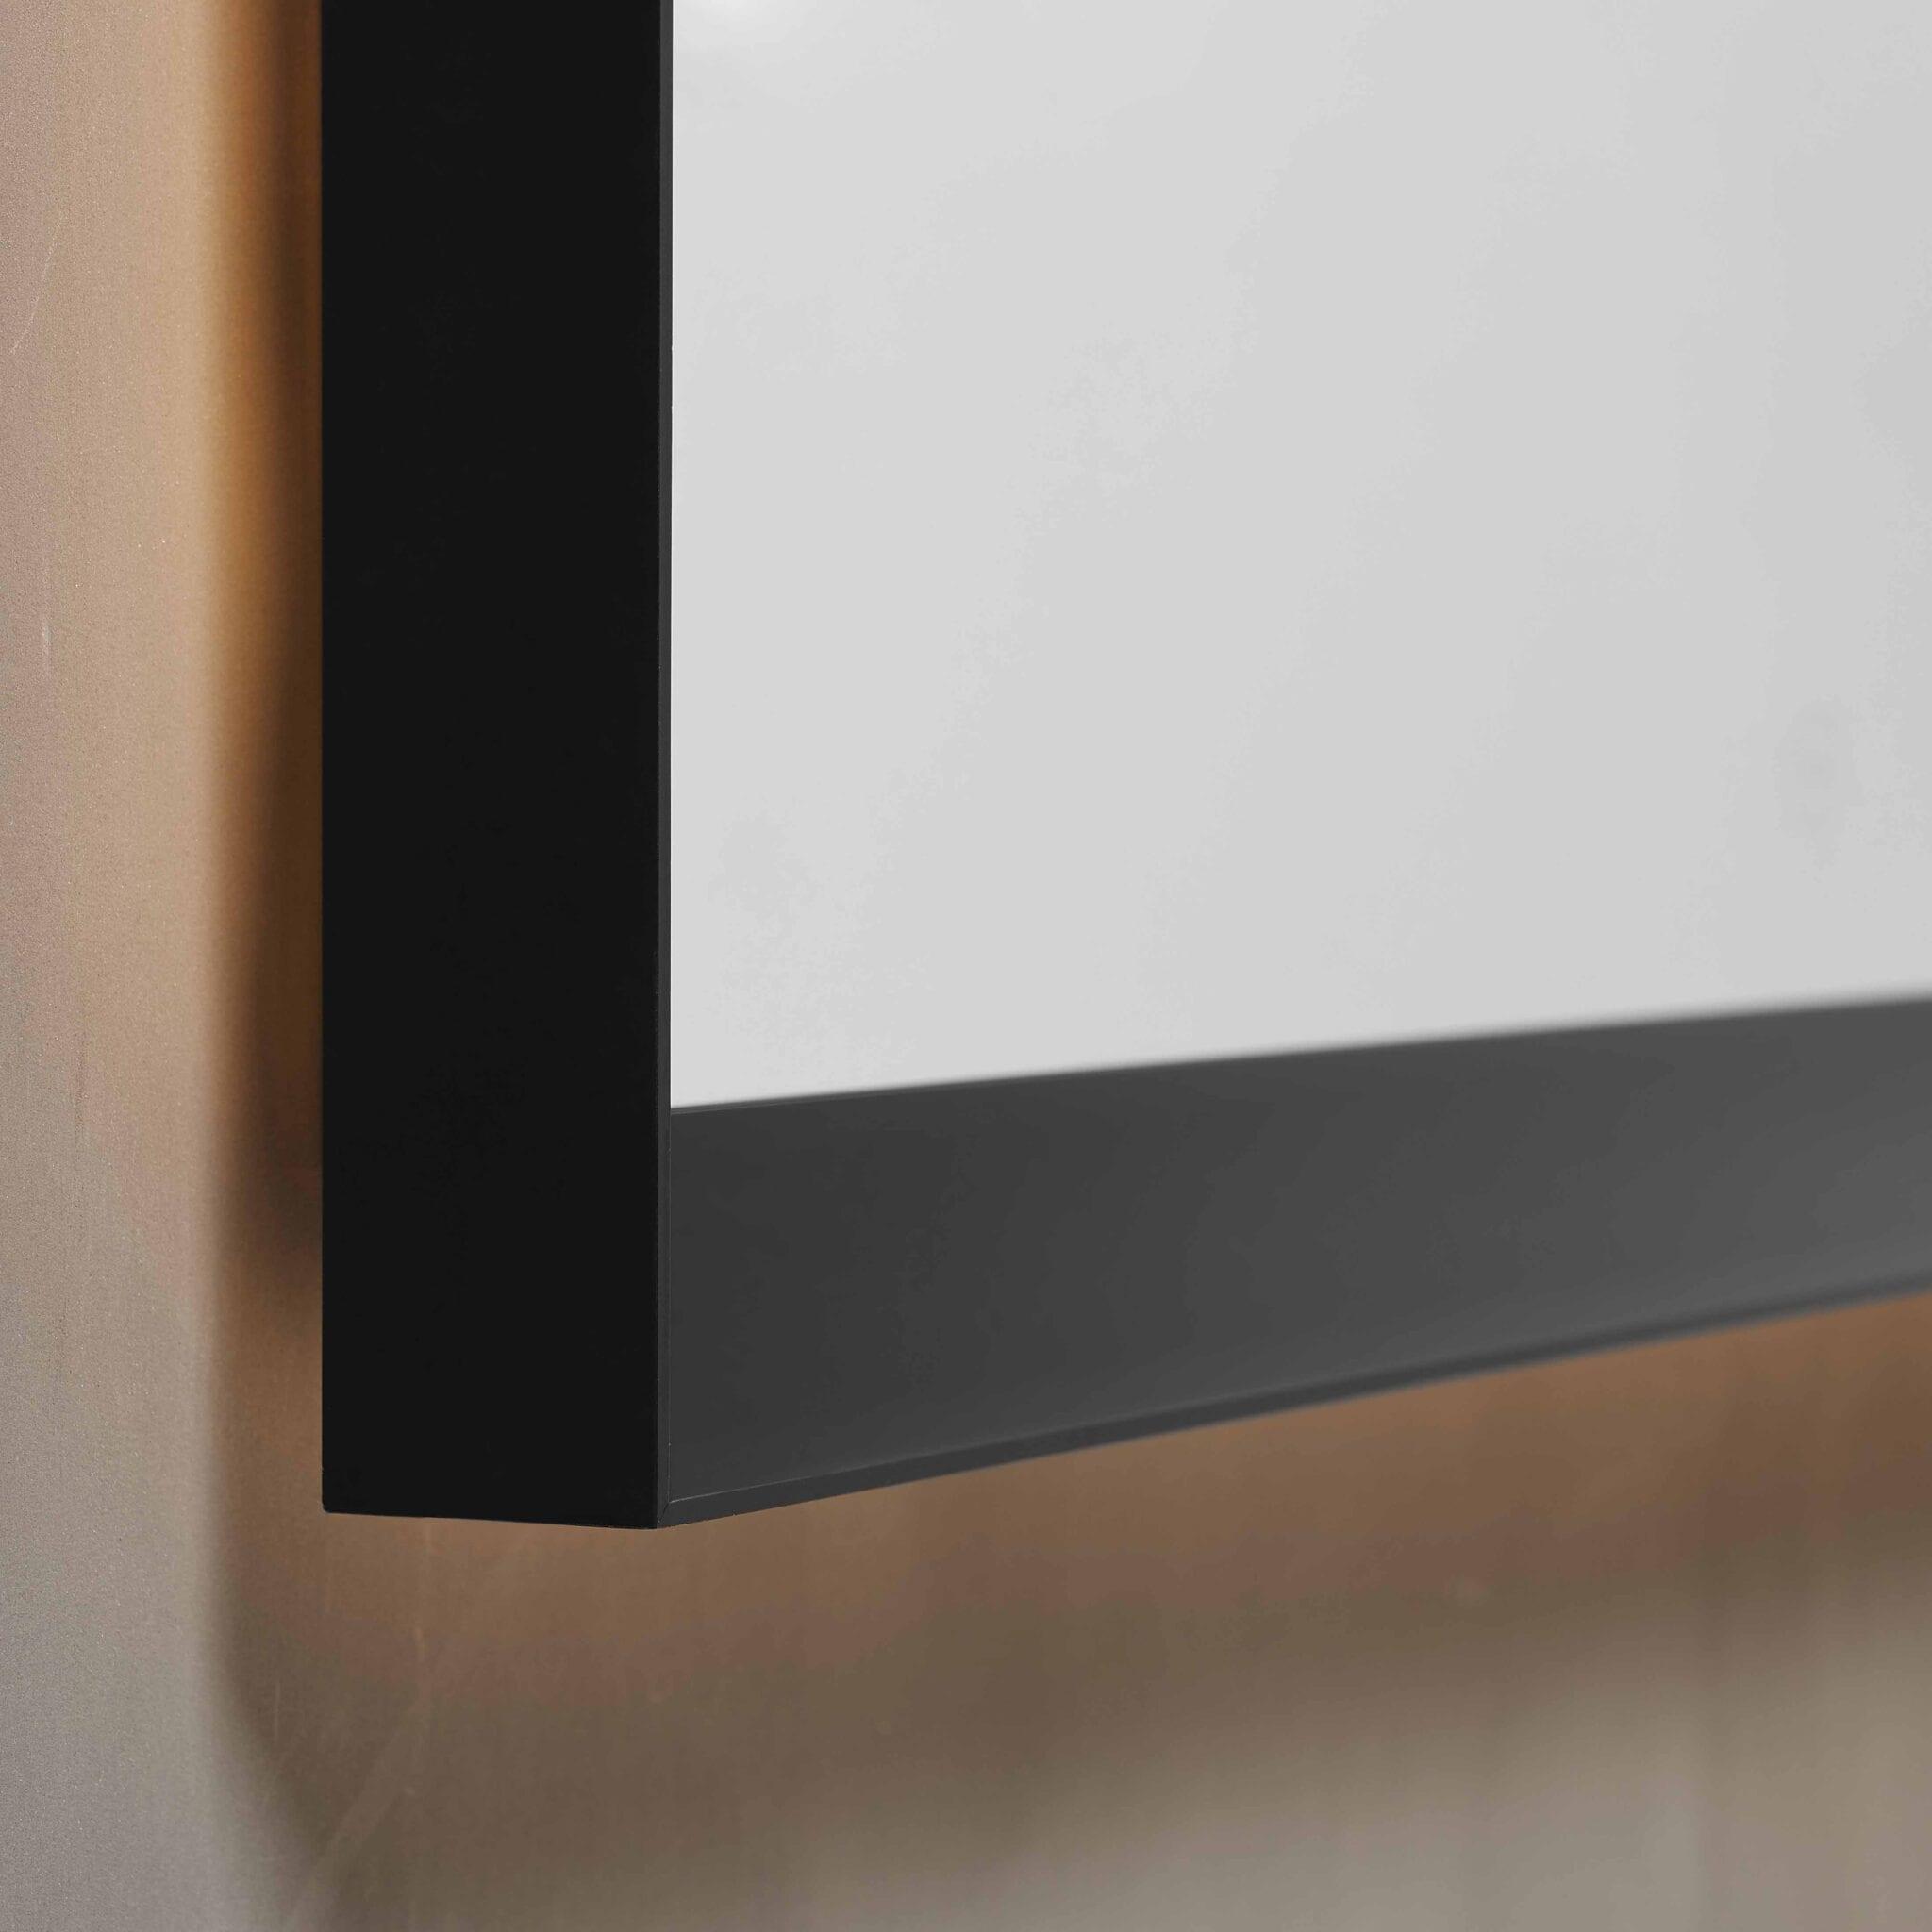 Verona baderomsspeil med sort ramme og lys 60